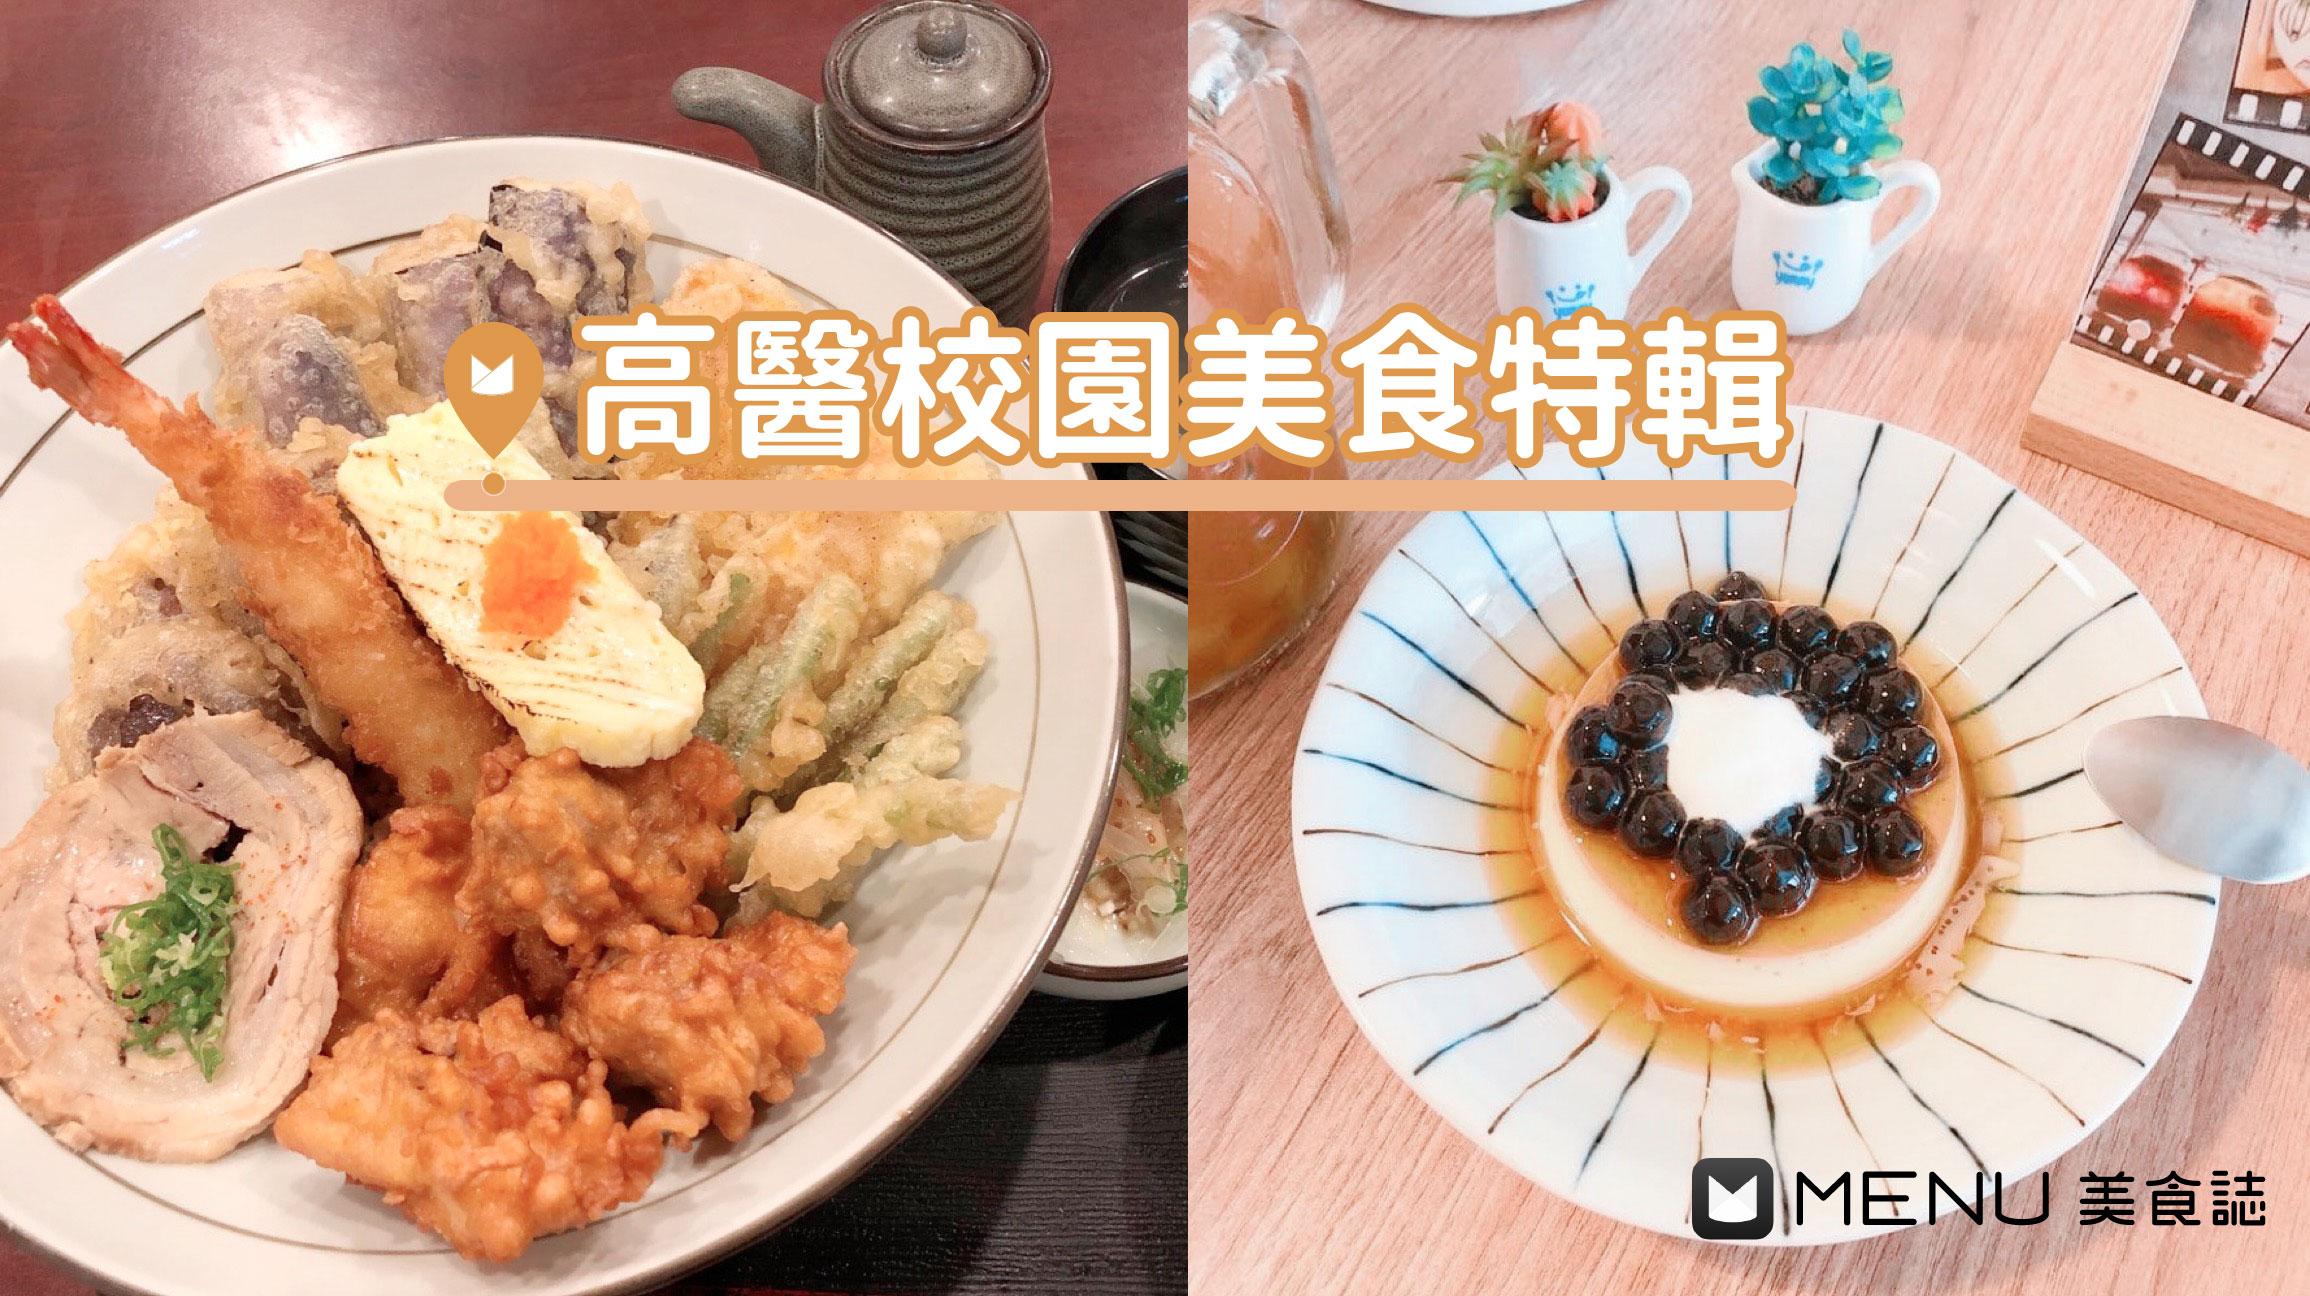 【MENU高醫校園美食特輯】高雄人從小吃到大的美食秘境就在這!高醫周邊吃不完的銅板價美味!